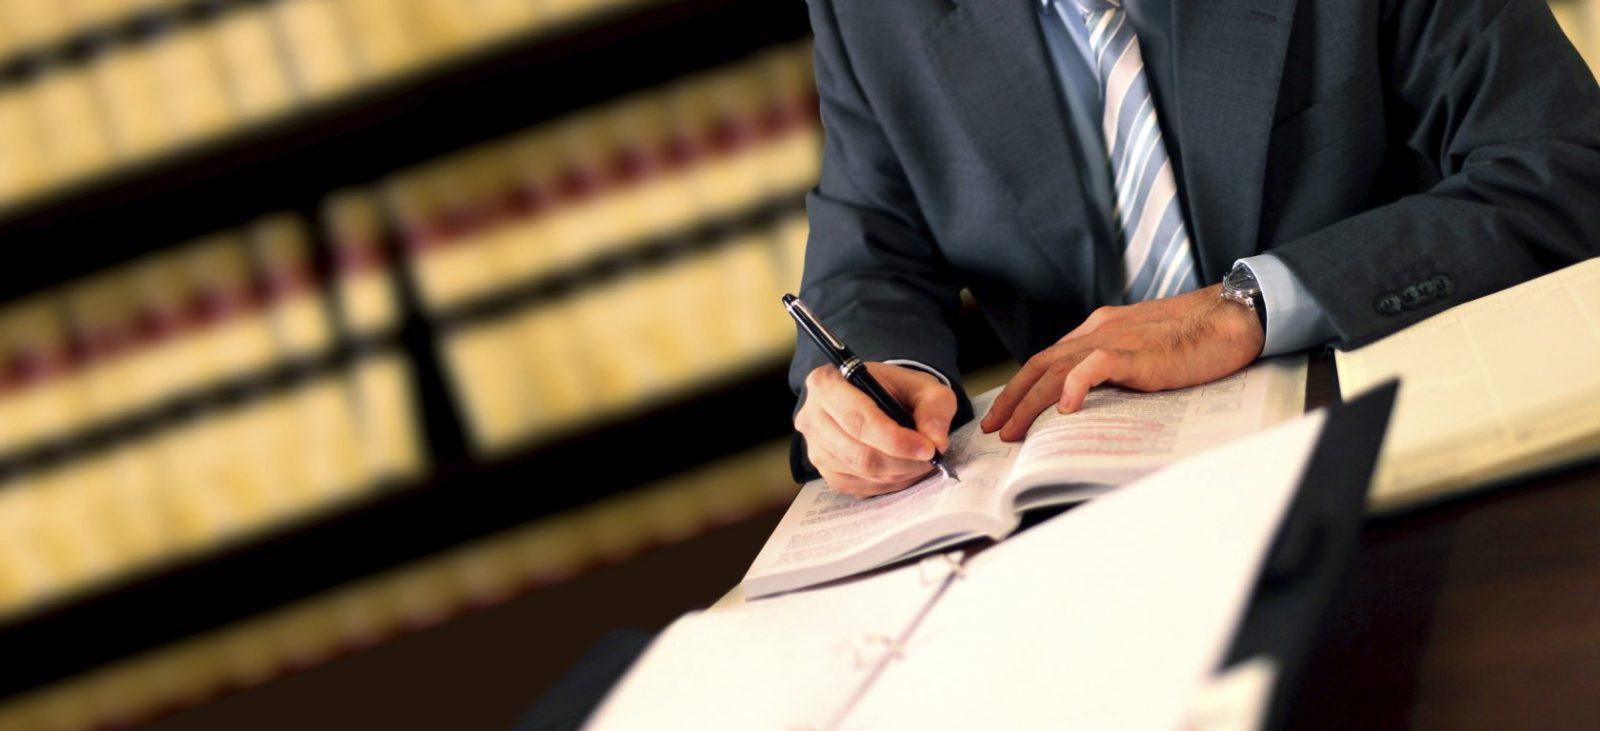 Представительство в суде: что это такое и как его оформить